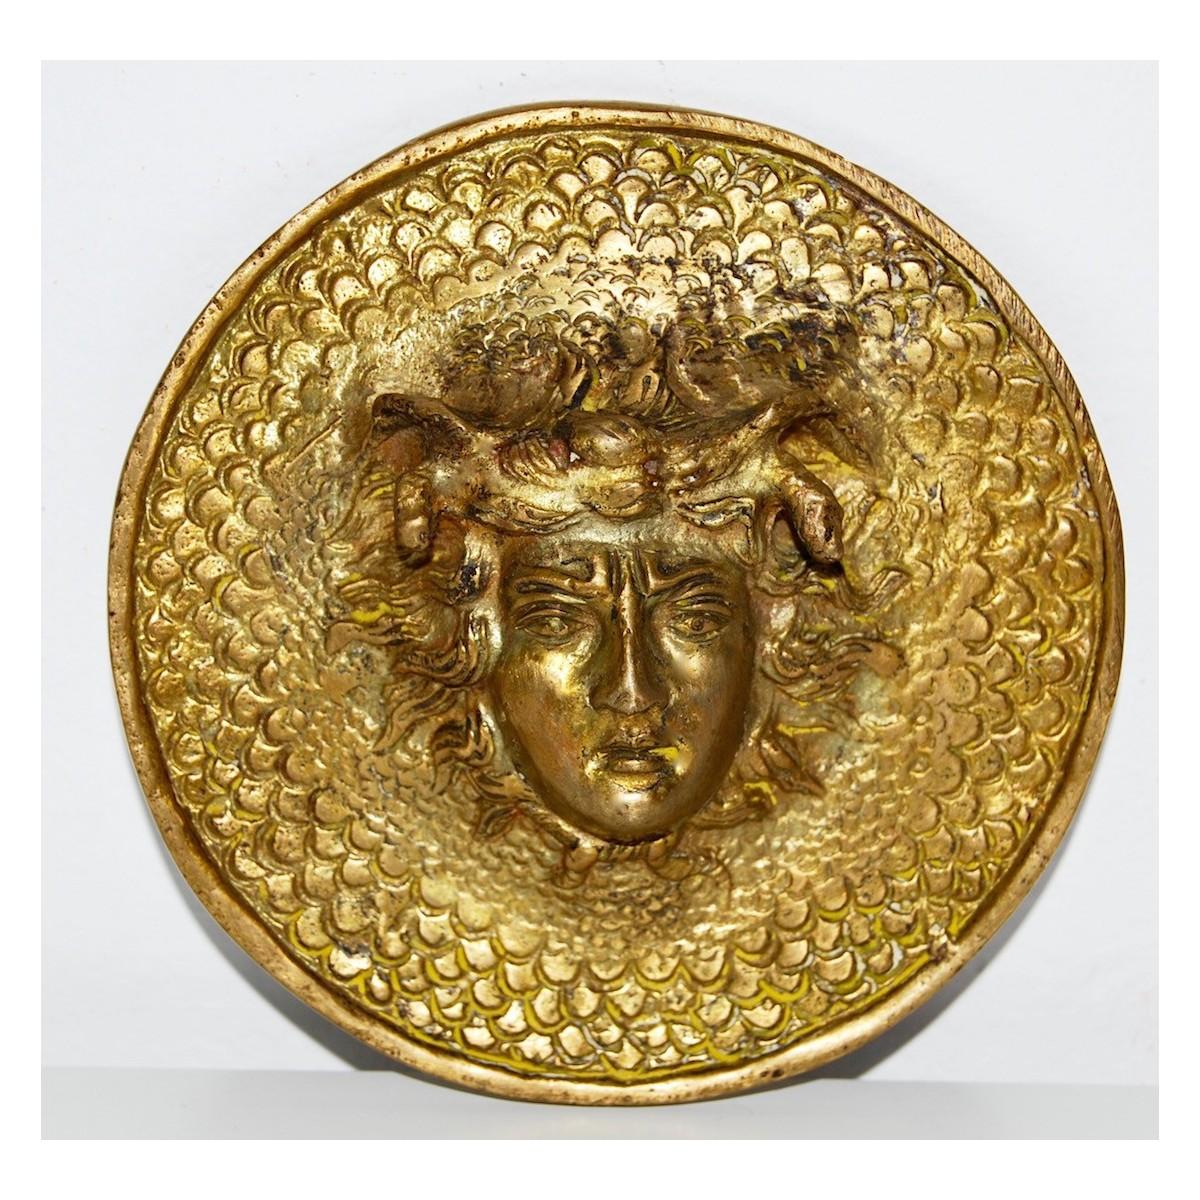 Medaglia di bronzo, fine 800, volto di Medusa